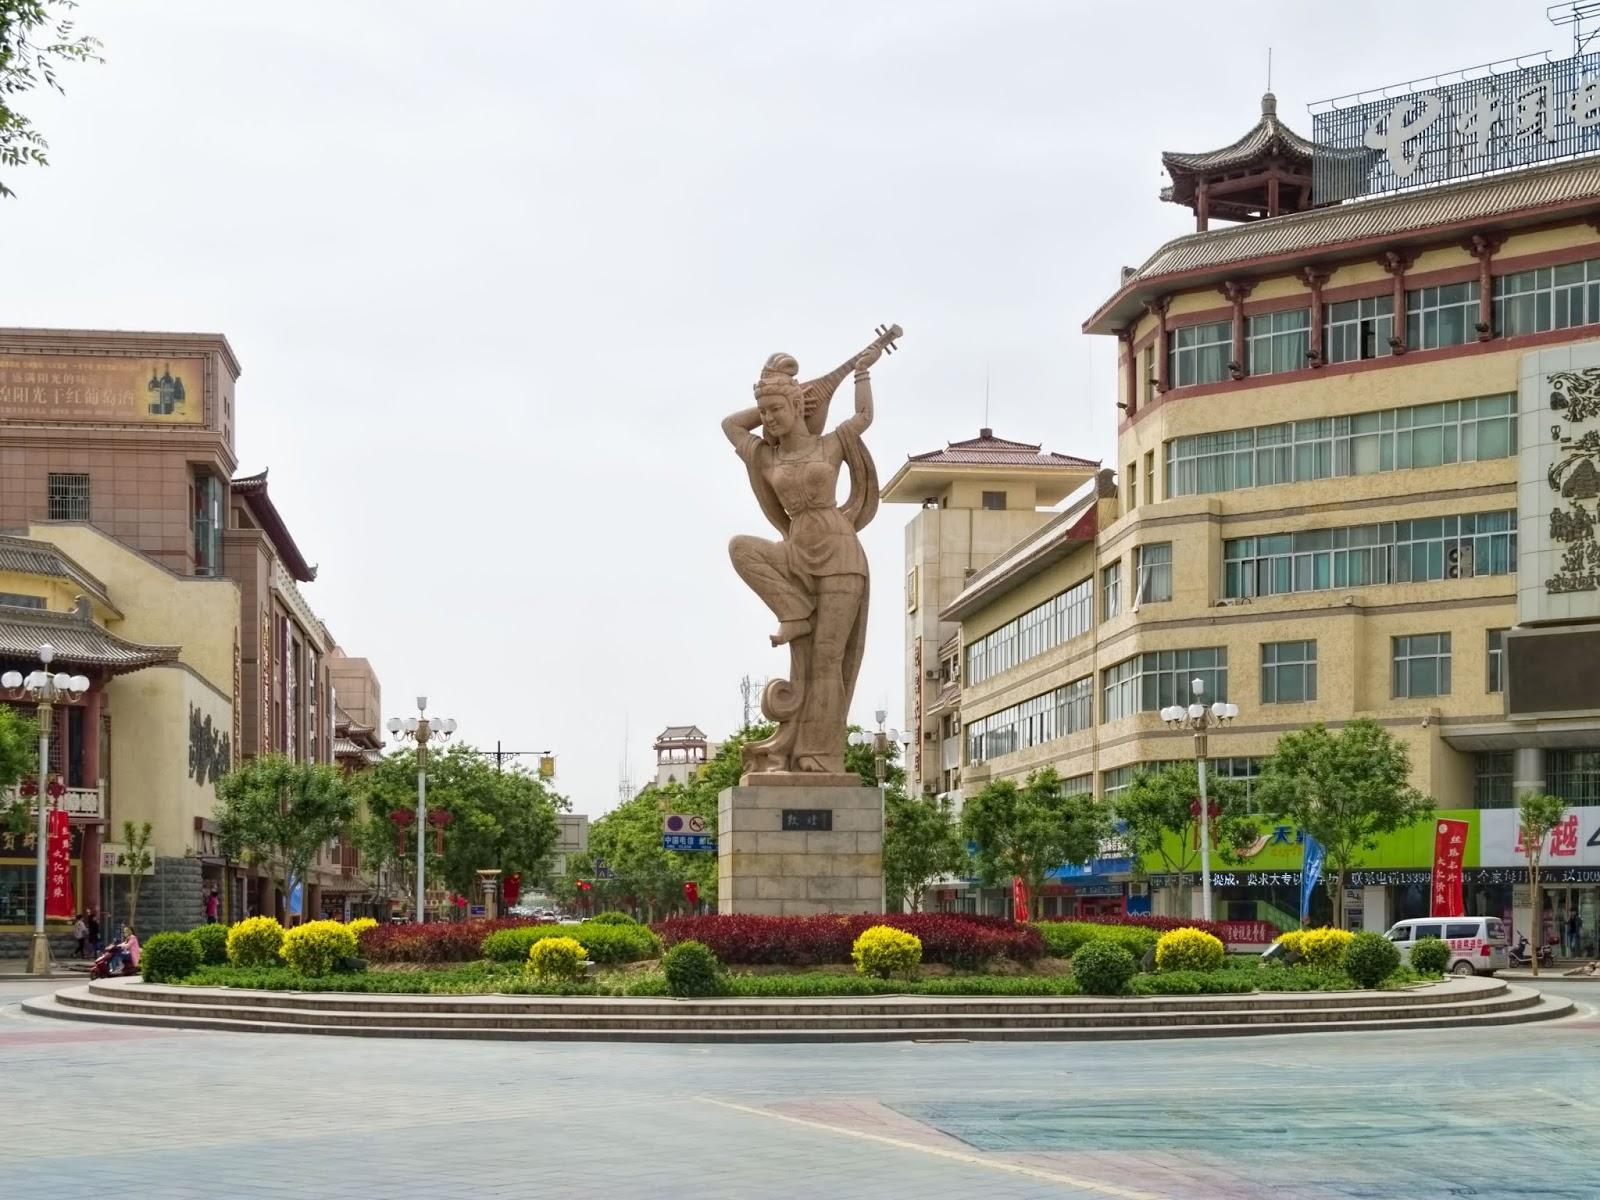 O símbolo da cidade de Dunhuang: a estátua de Fan Tan Pipa representando uma mulher dançando e tocando, nas costas, um pipa (alaúde de quatro cordas chinês).